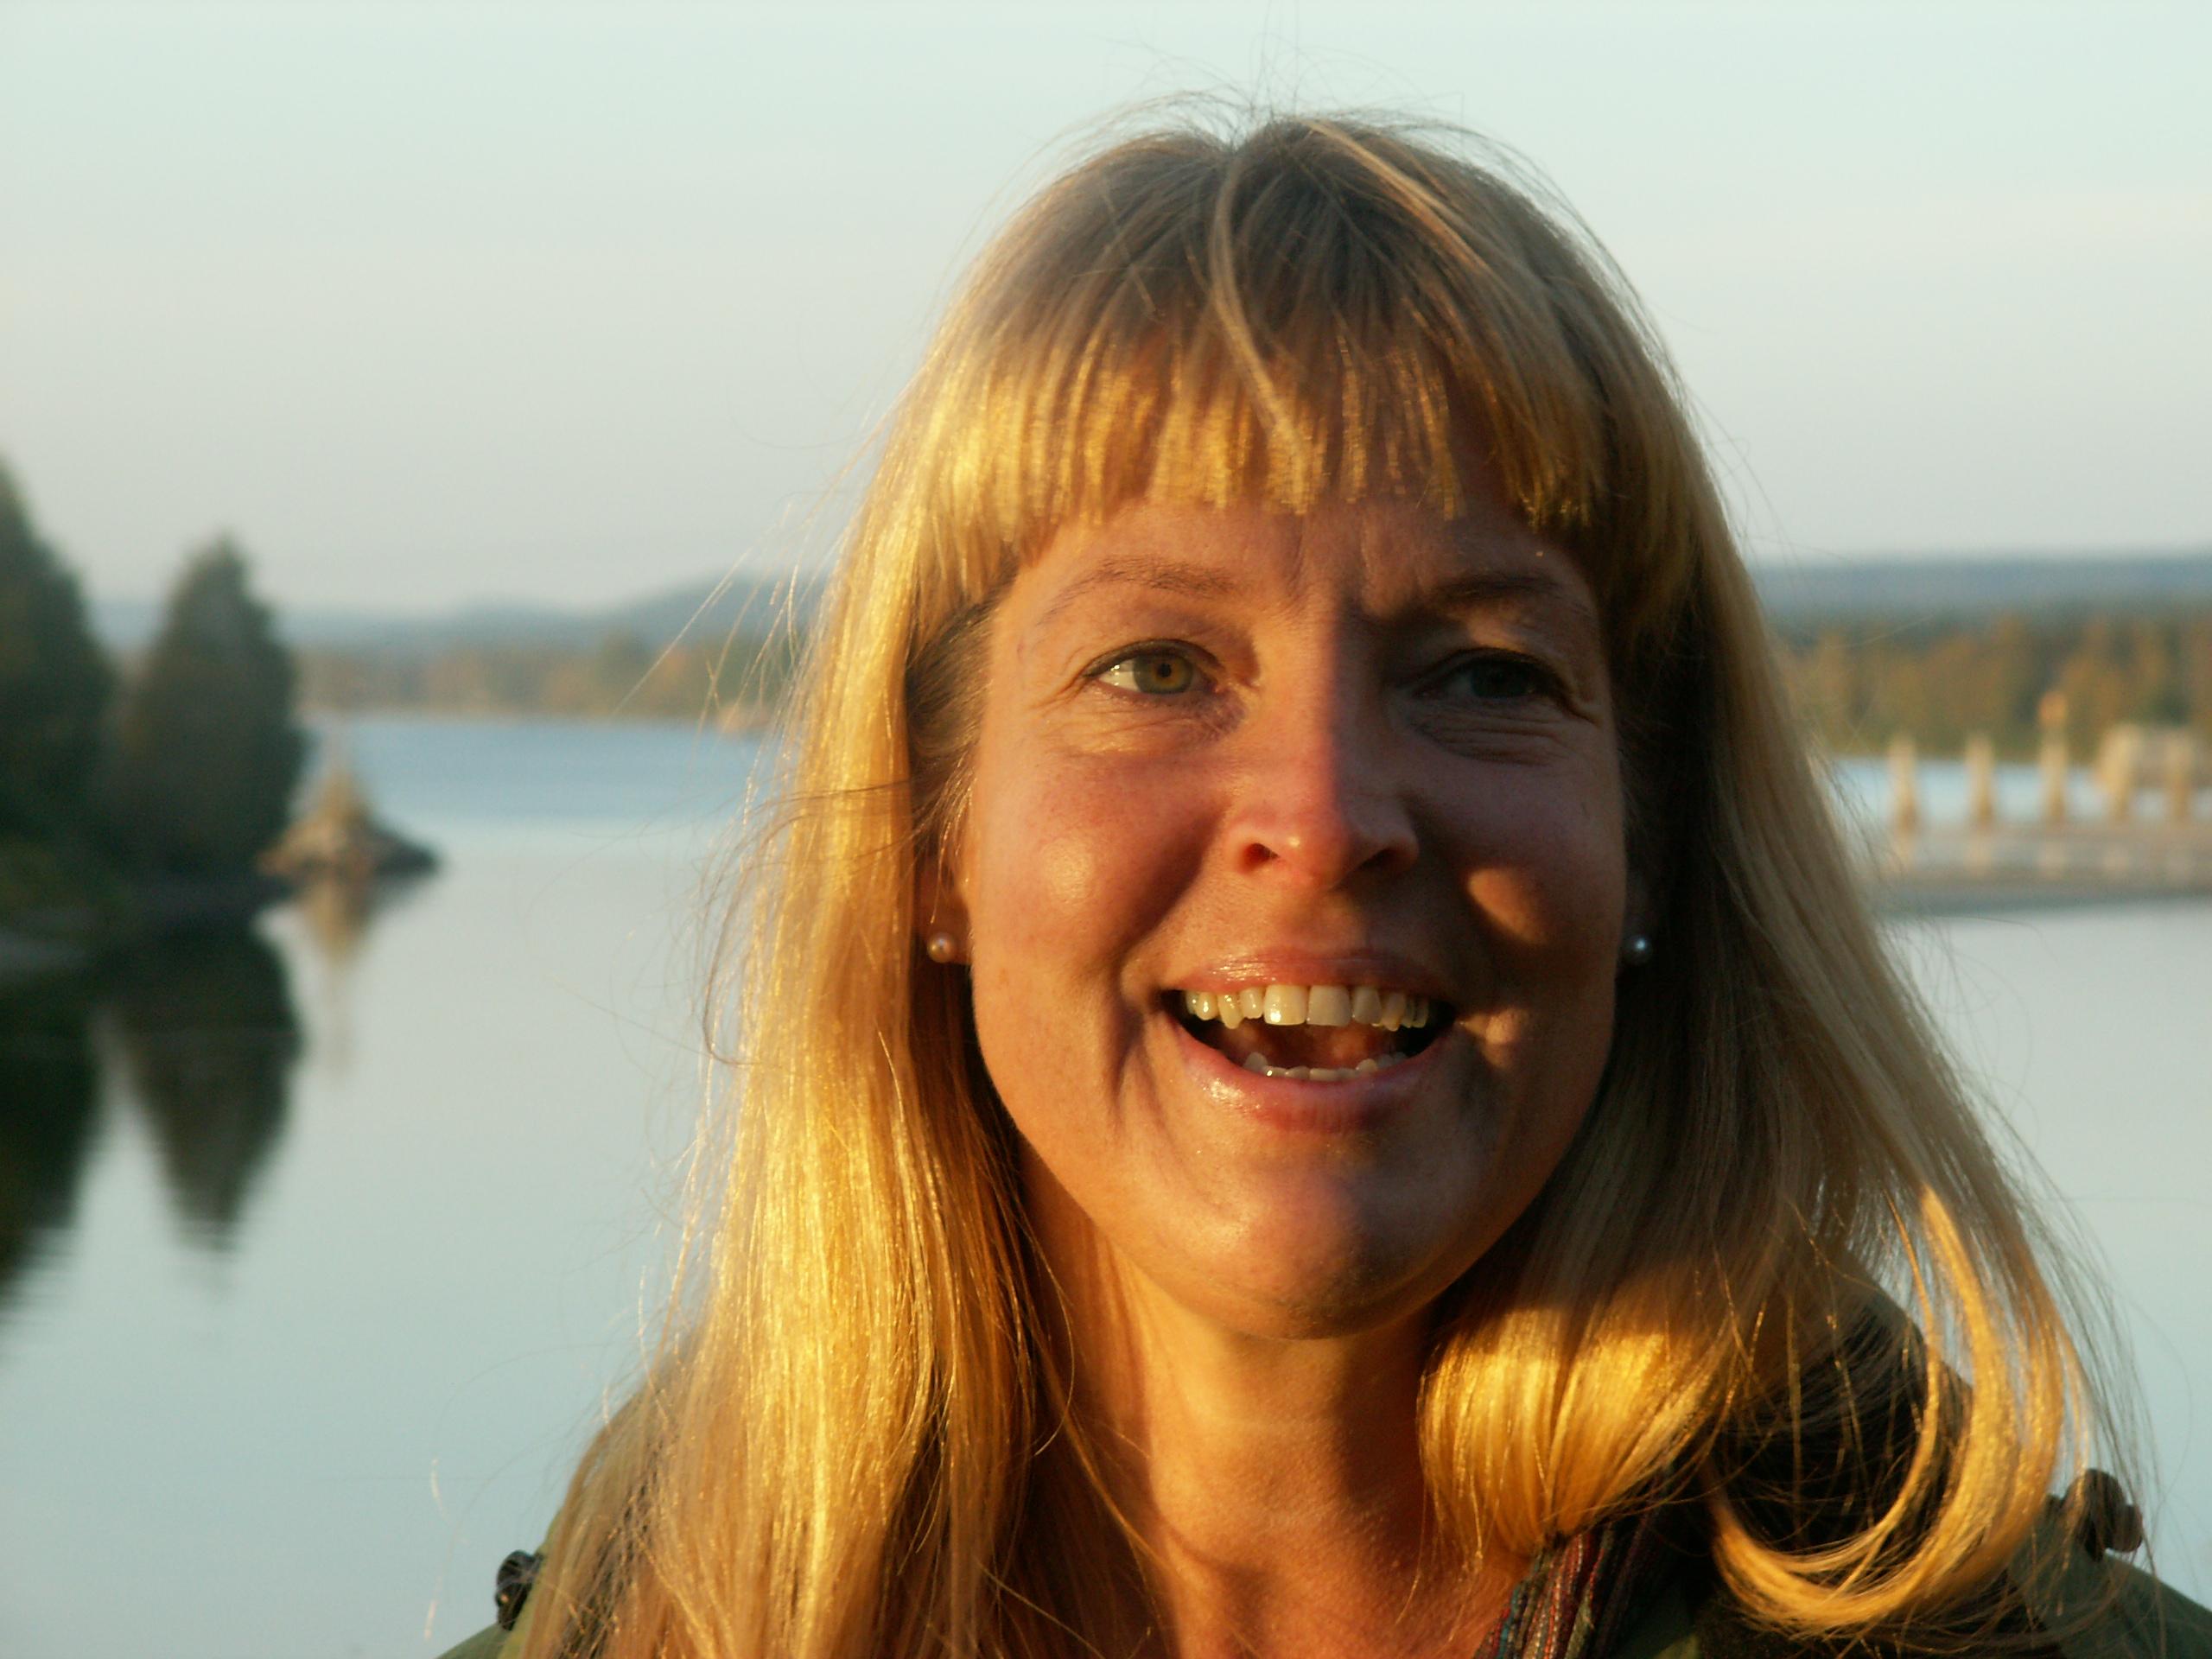 träffa ryska kvinnor Sundsvall